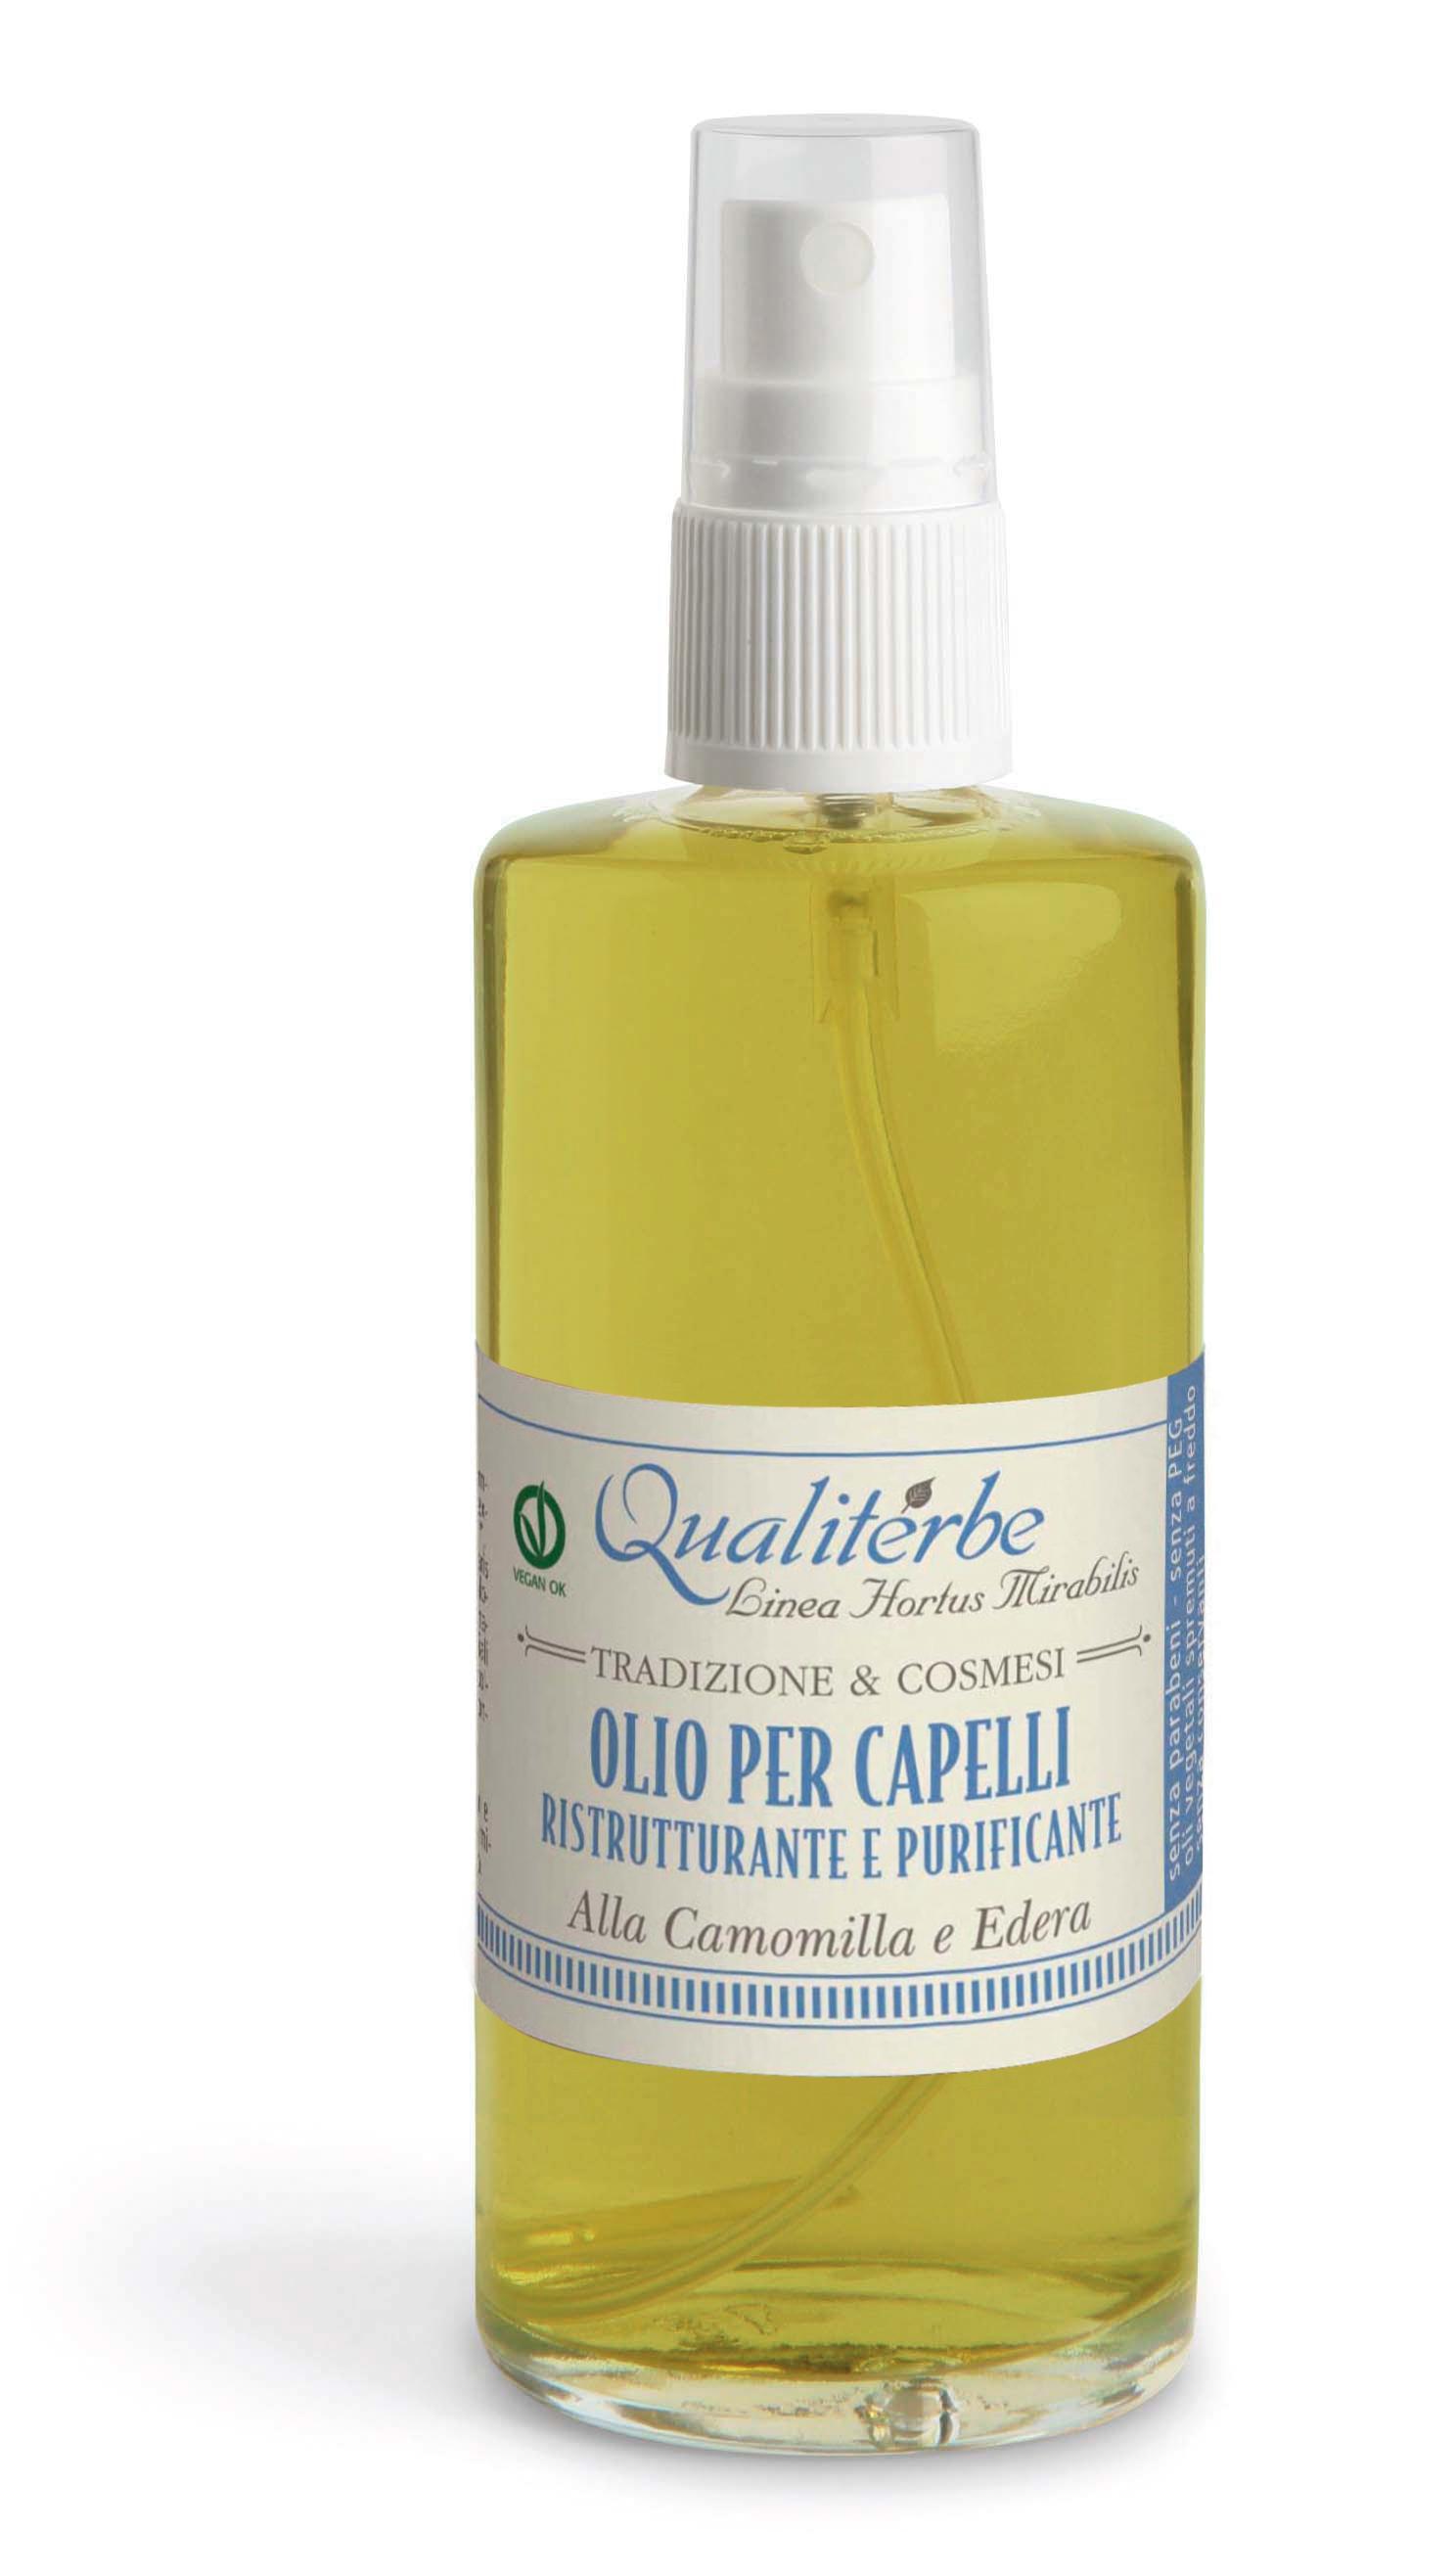 Olio per capelli ristrutturante e purificante alla Camomilla ed Edera